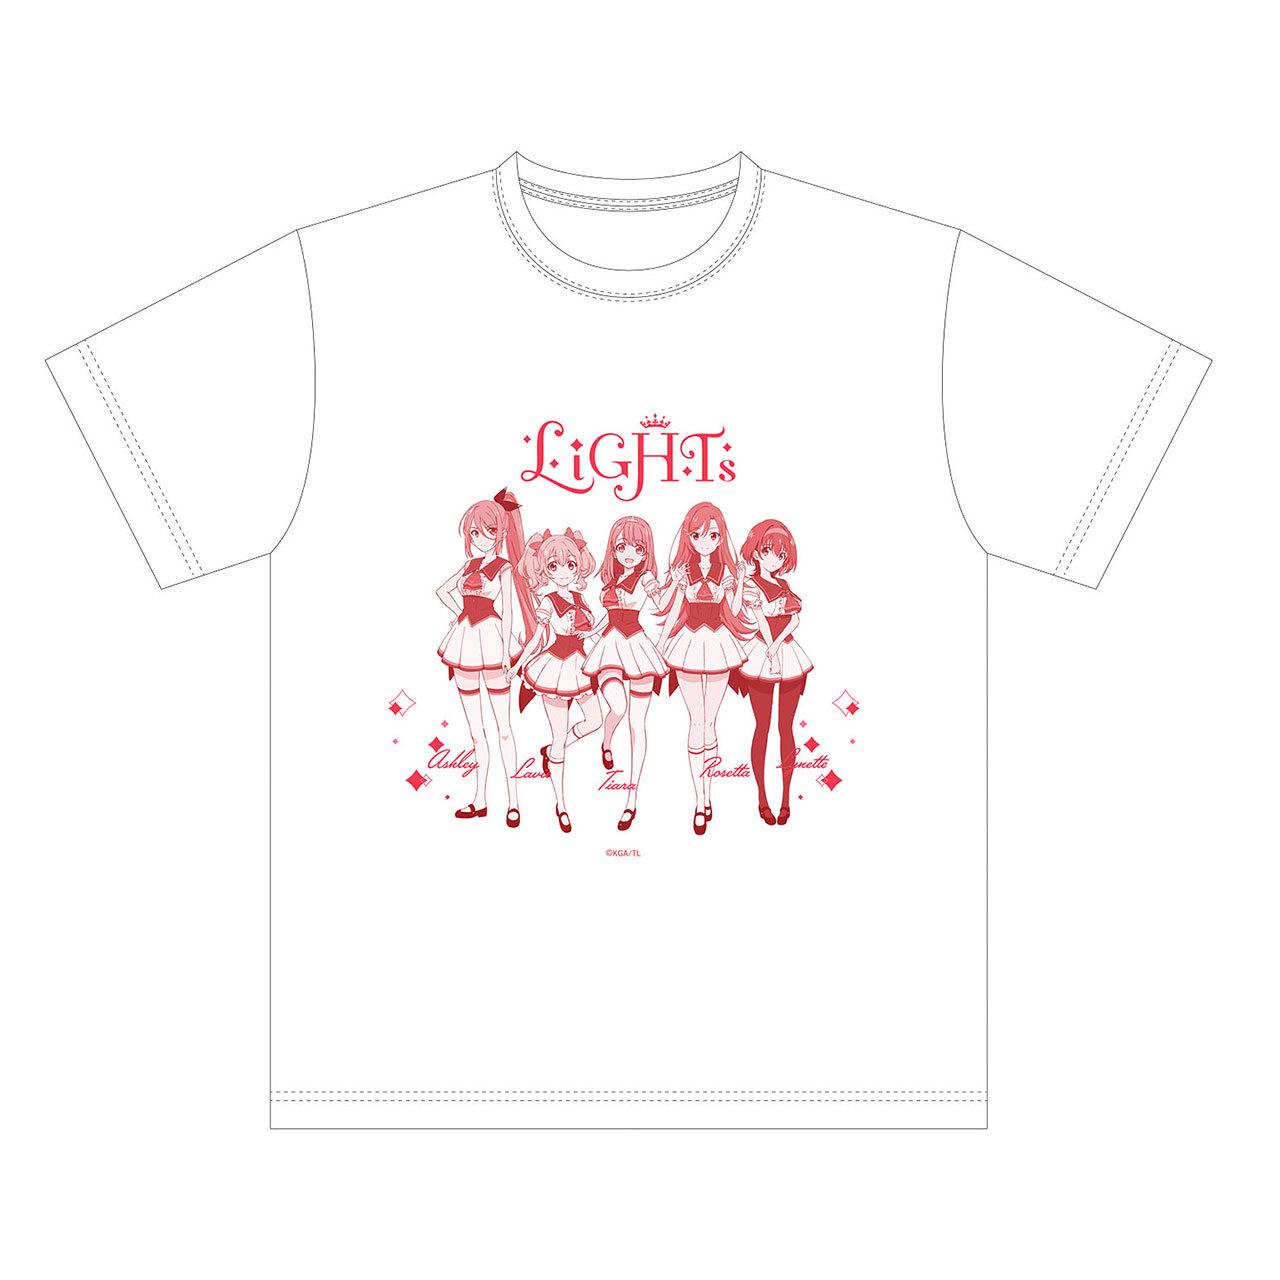 【4589839354370予】ラピスリライツ LiGHTs Tシャツ 白/Mサイズ